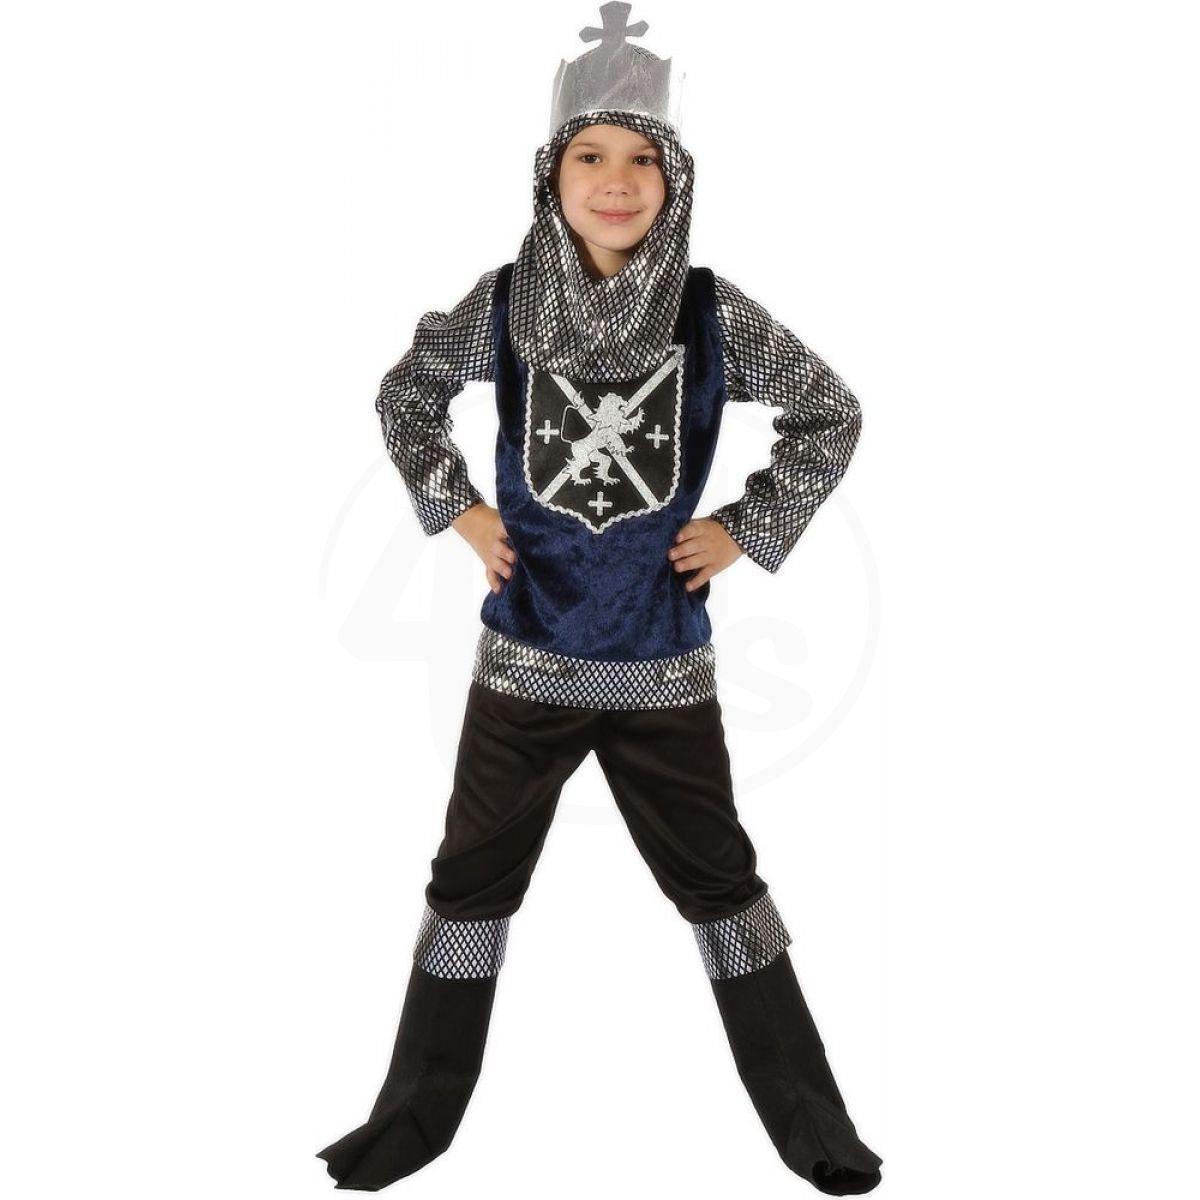 d9e9d1cee496 Made Dětský kostým Rytíř stříbrný 110-120cm